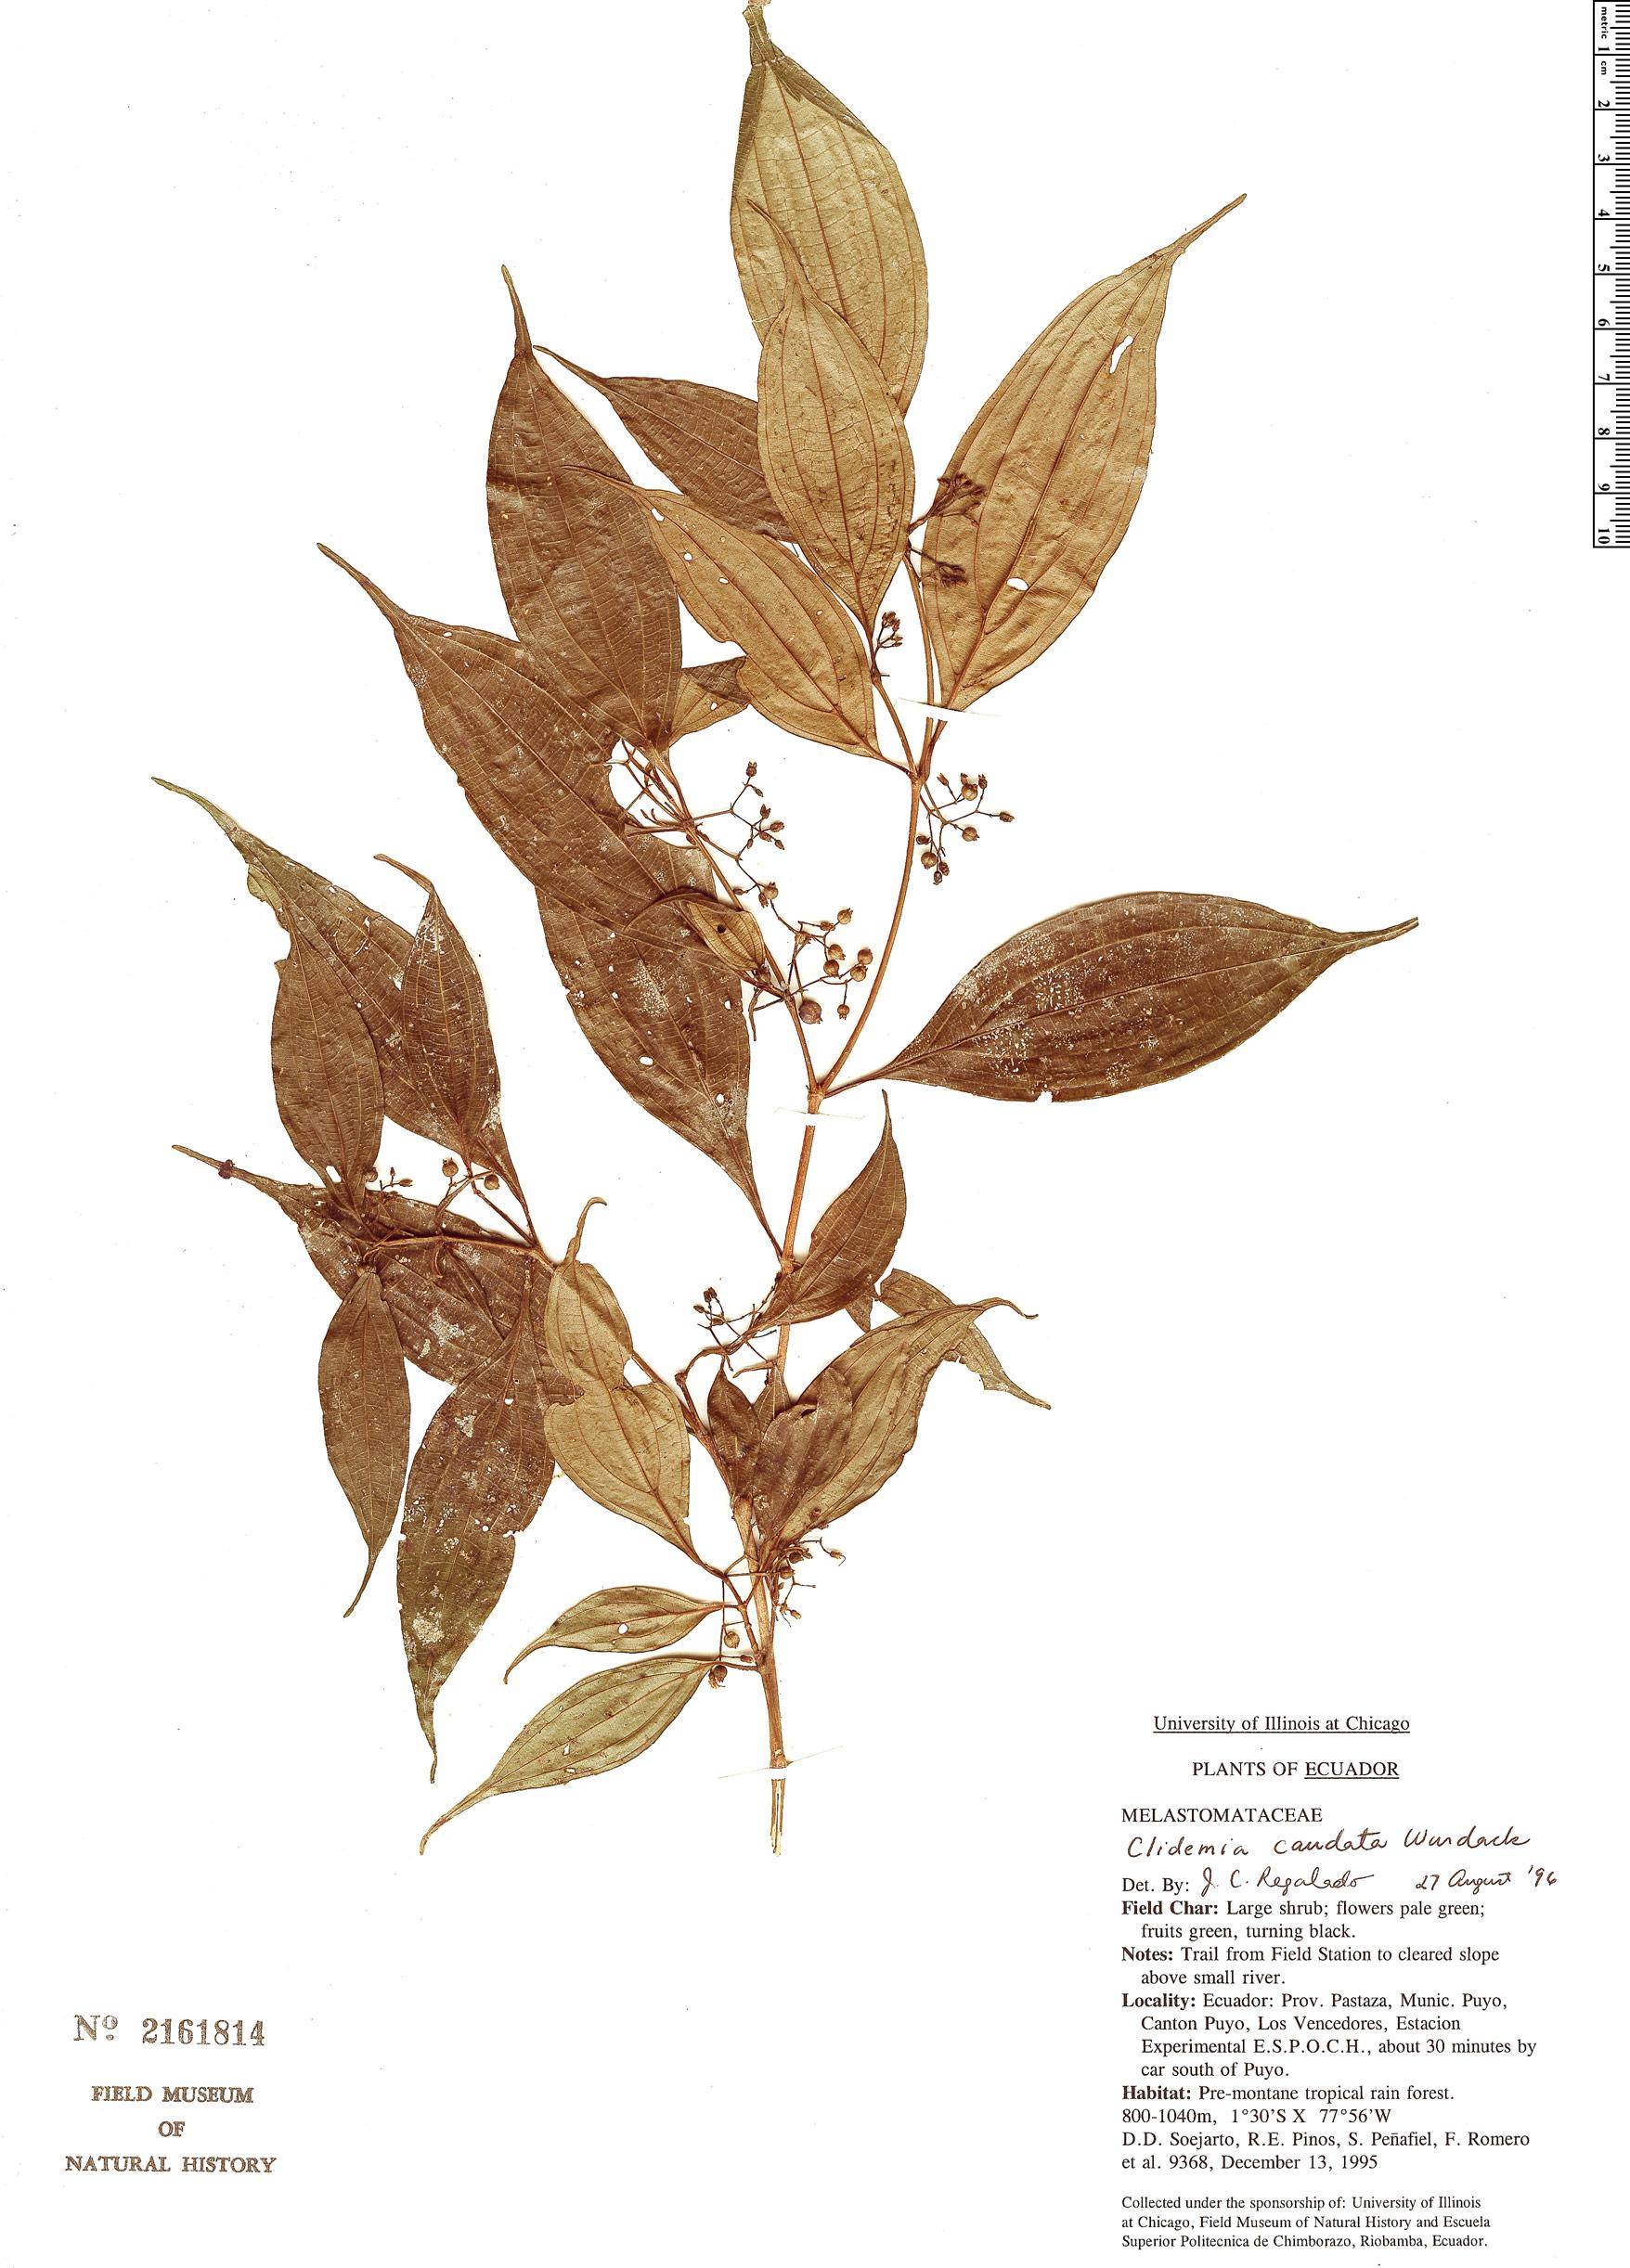 Specimen: Clidemia caudata